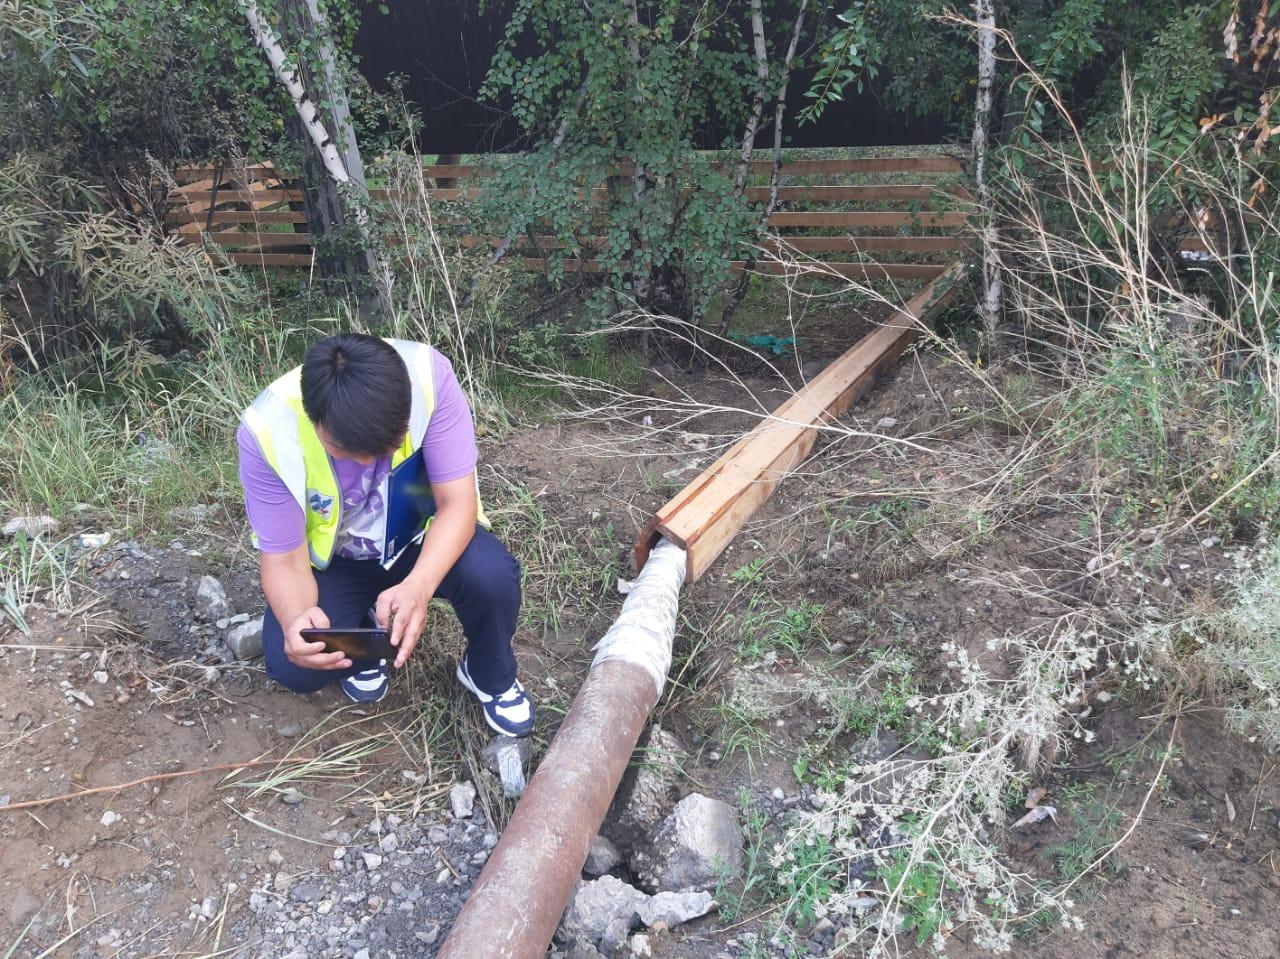 Житель Якутска самовольно проложил трубу под ремонтируемой дорогой